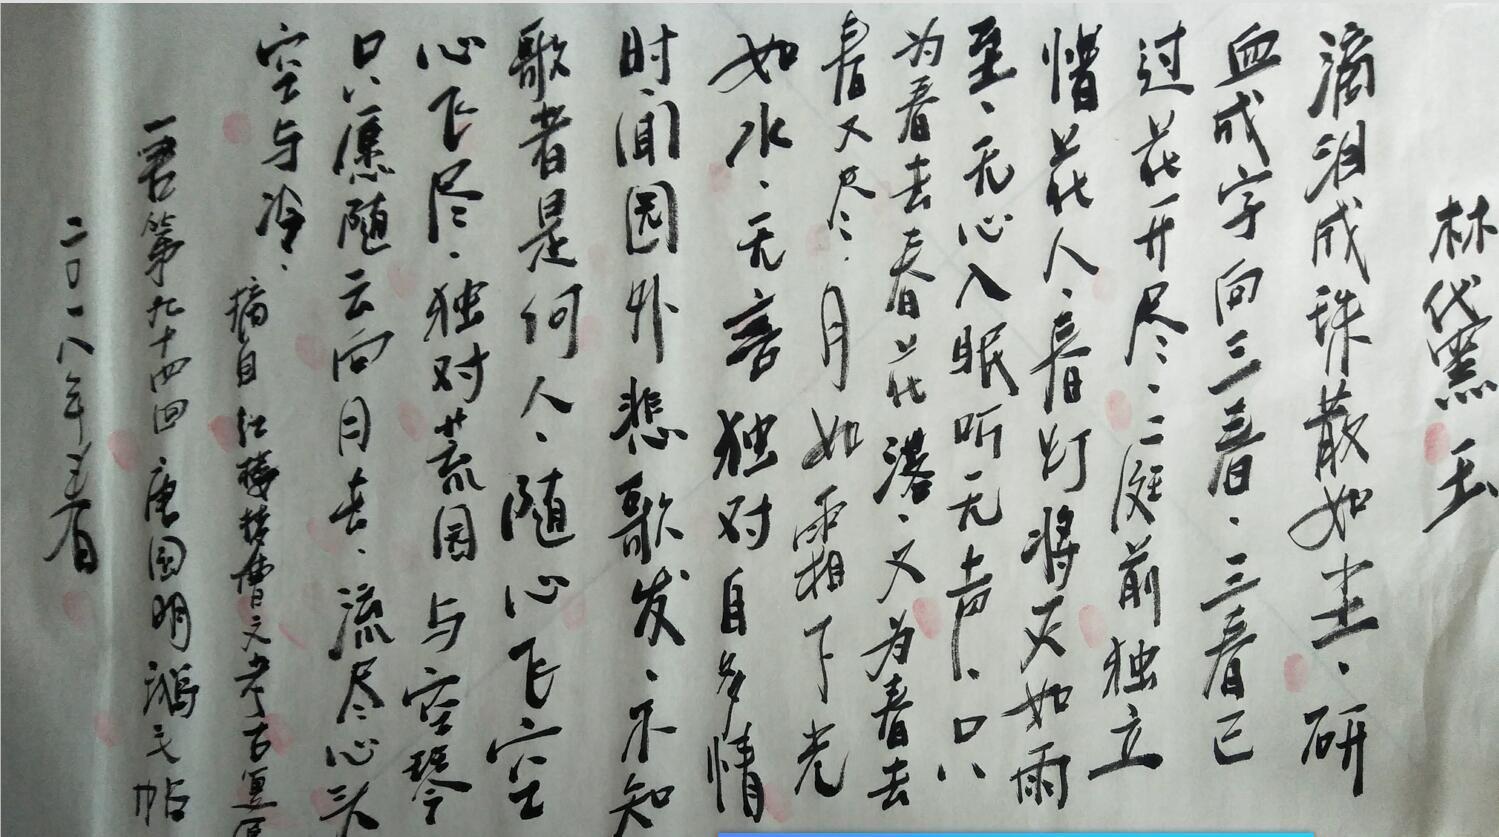 唐国明定理以自传《这样论证哥德巴赫猜想1+1与3x+1》获奖。